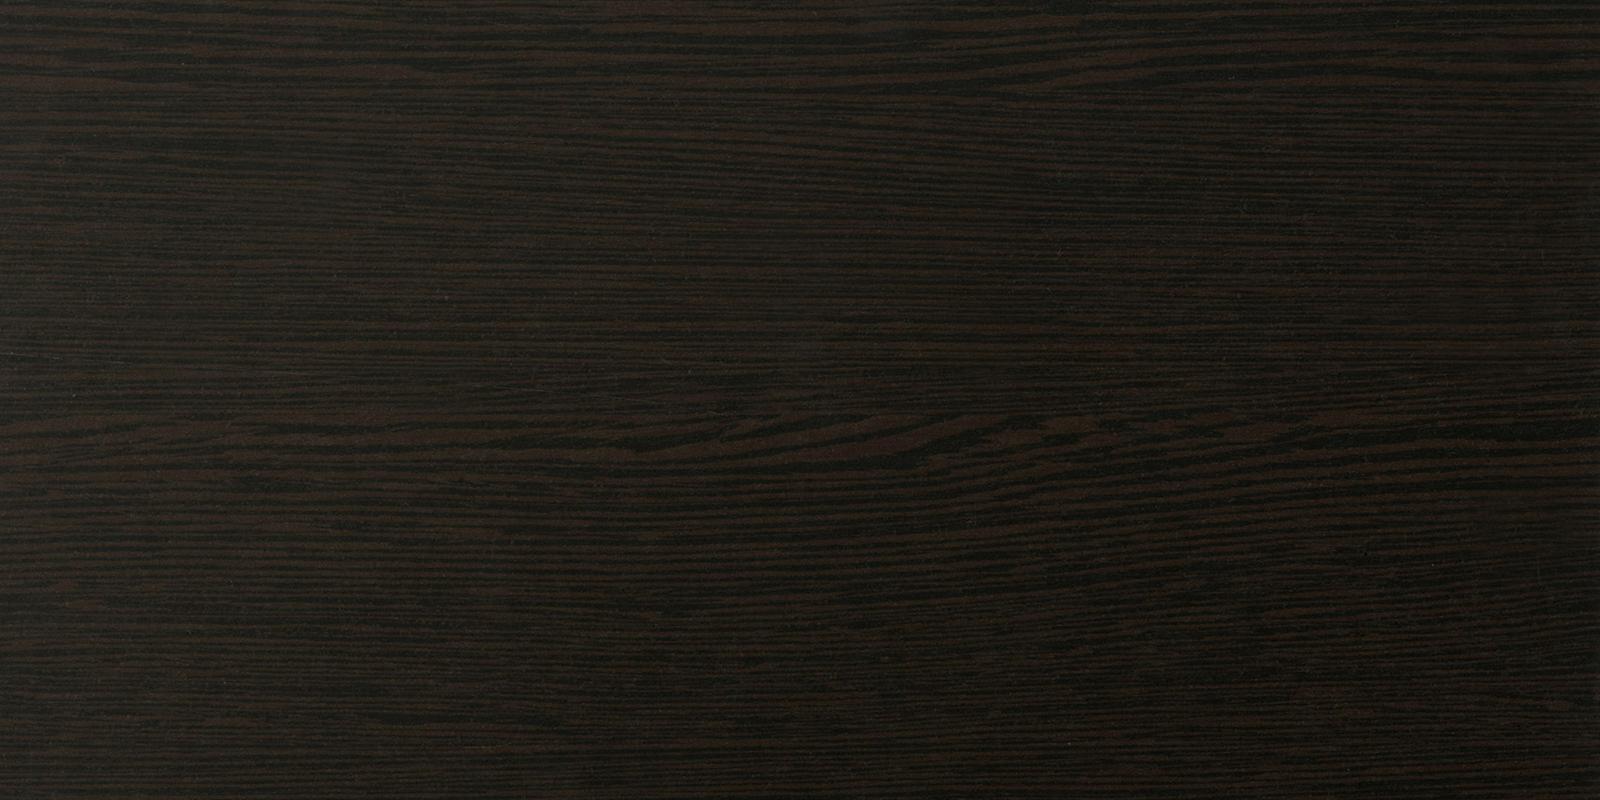 Шкаф-купе трехдверный Верона 223 см (венге/зеркало) от HomeMe.ru